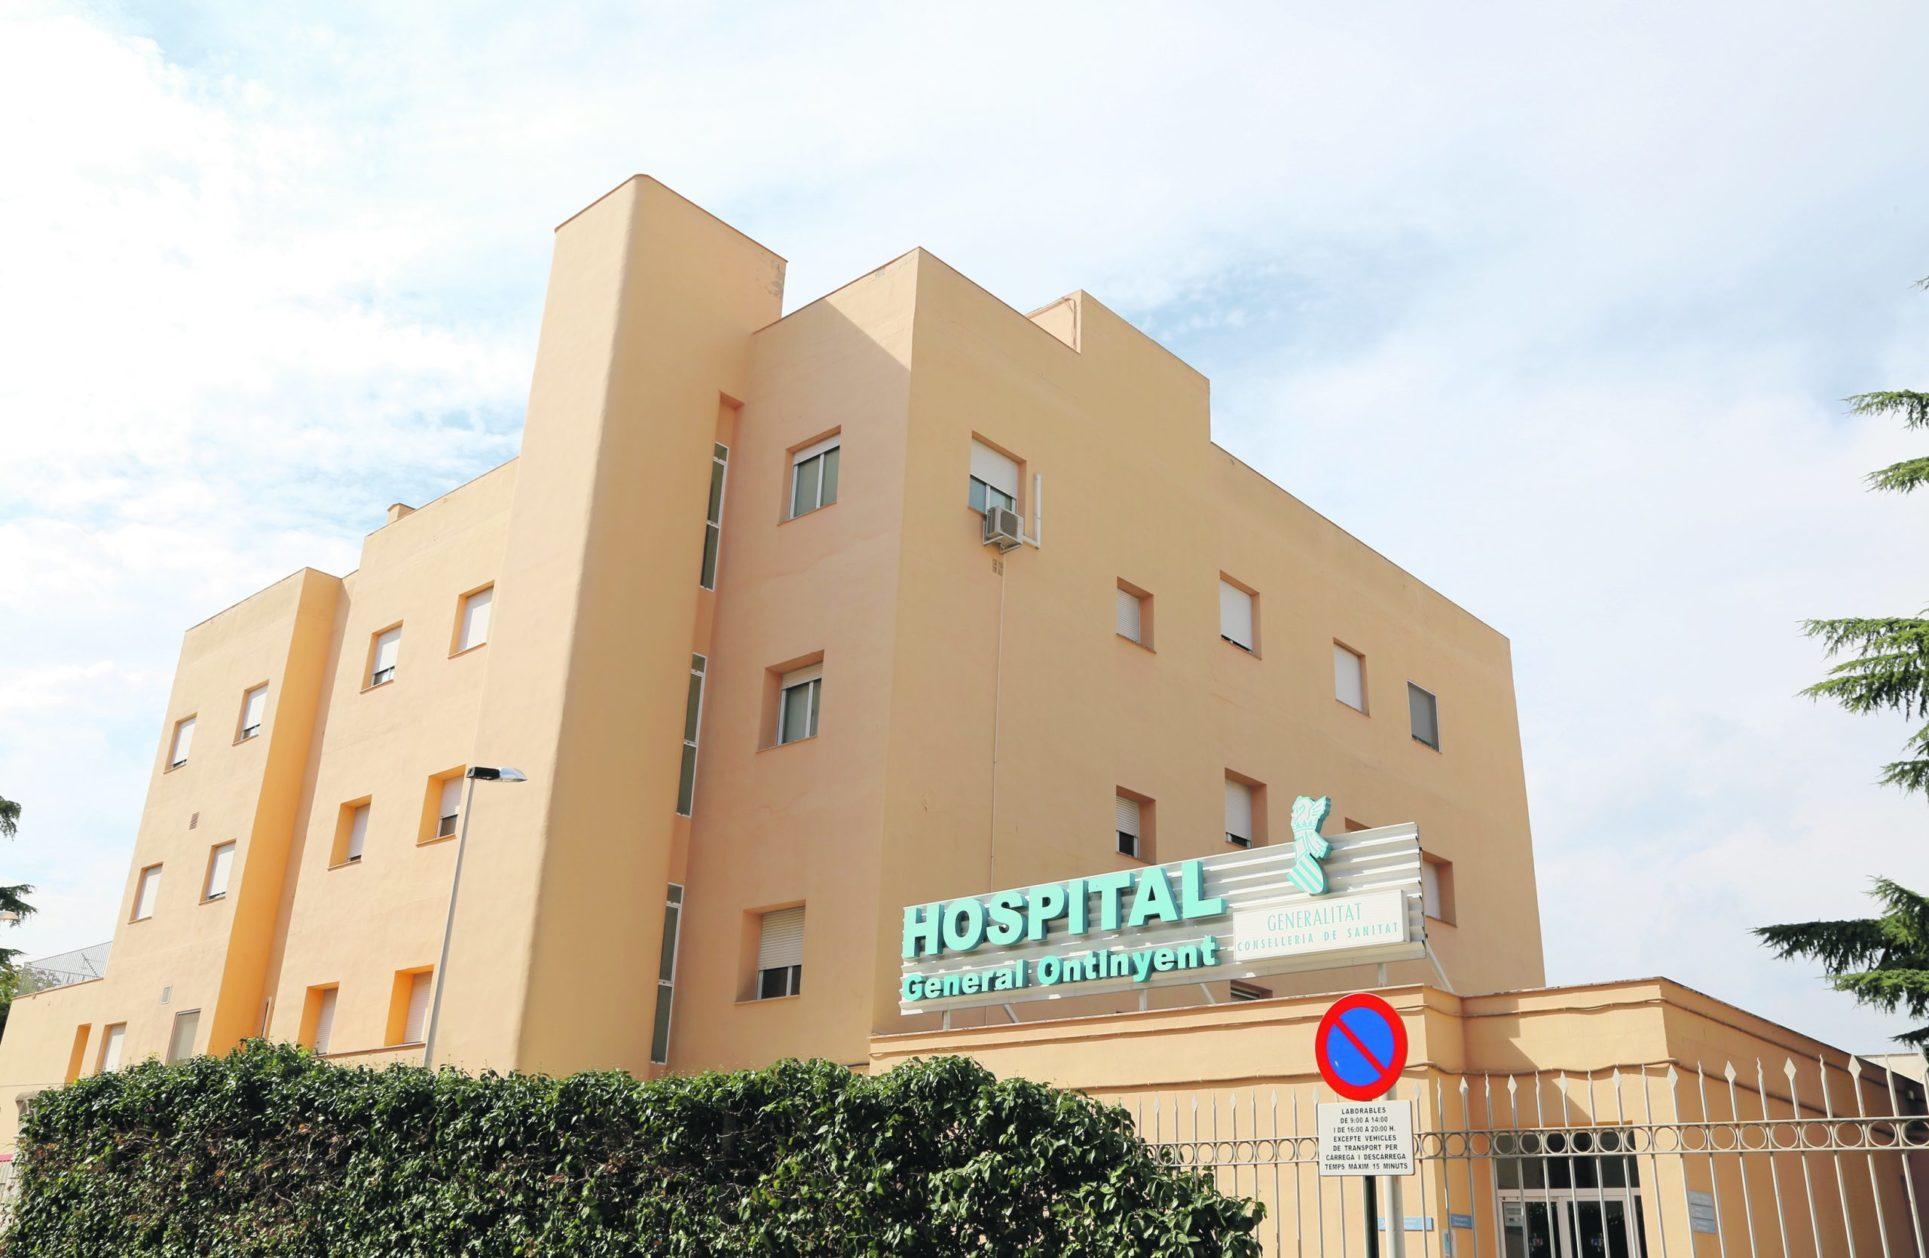 El hospital registra una bajada de 72 partos en un año El Periòdic d'Ontinyent - Noticies a Ontinyent